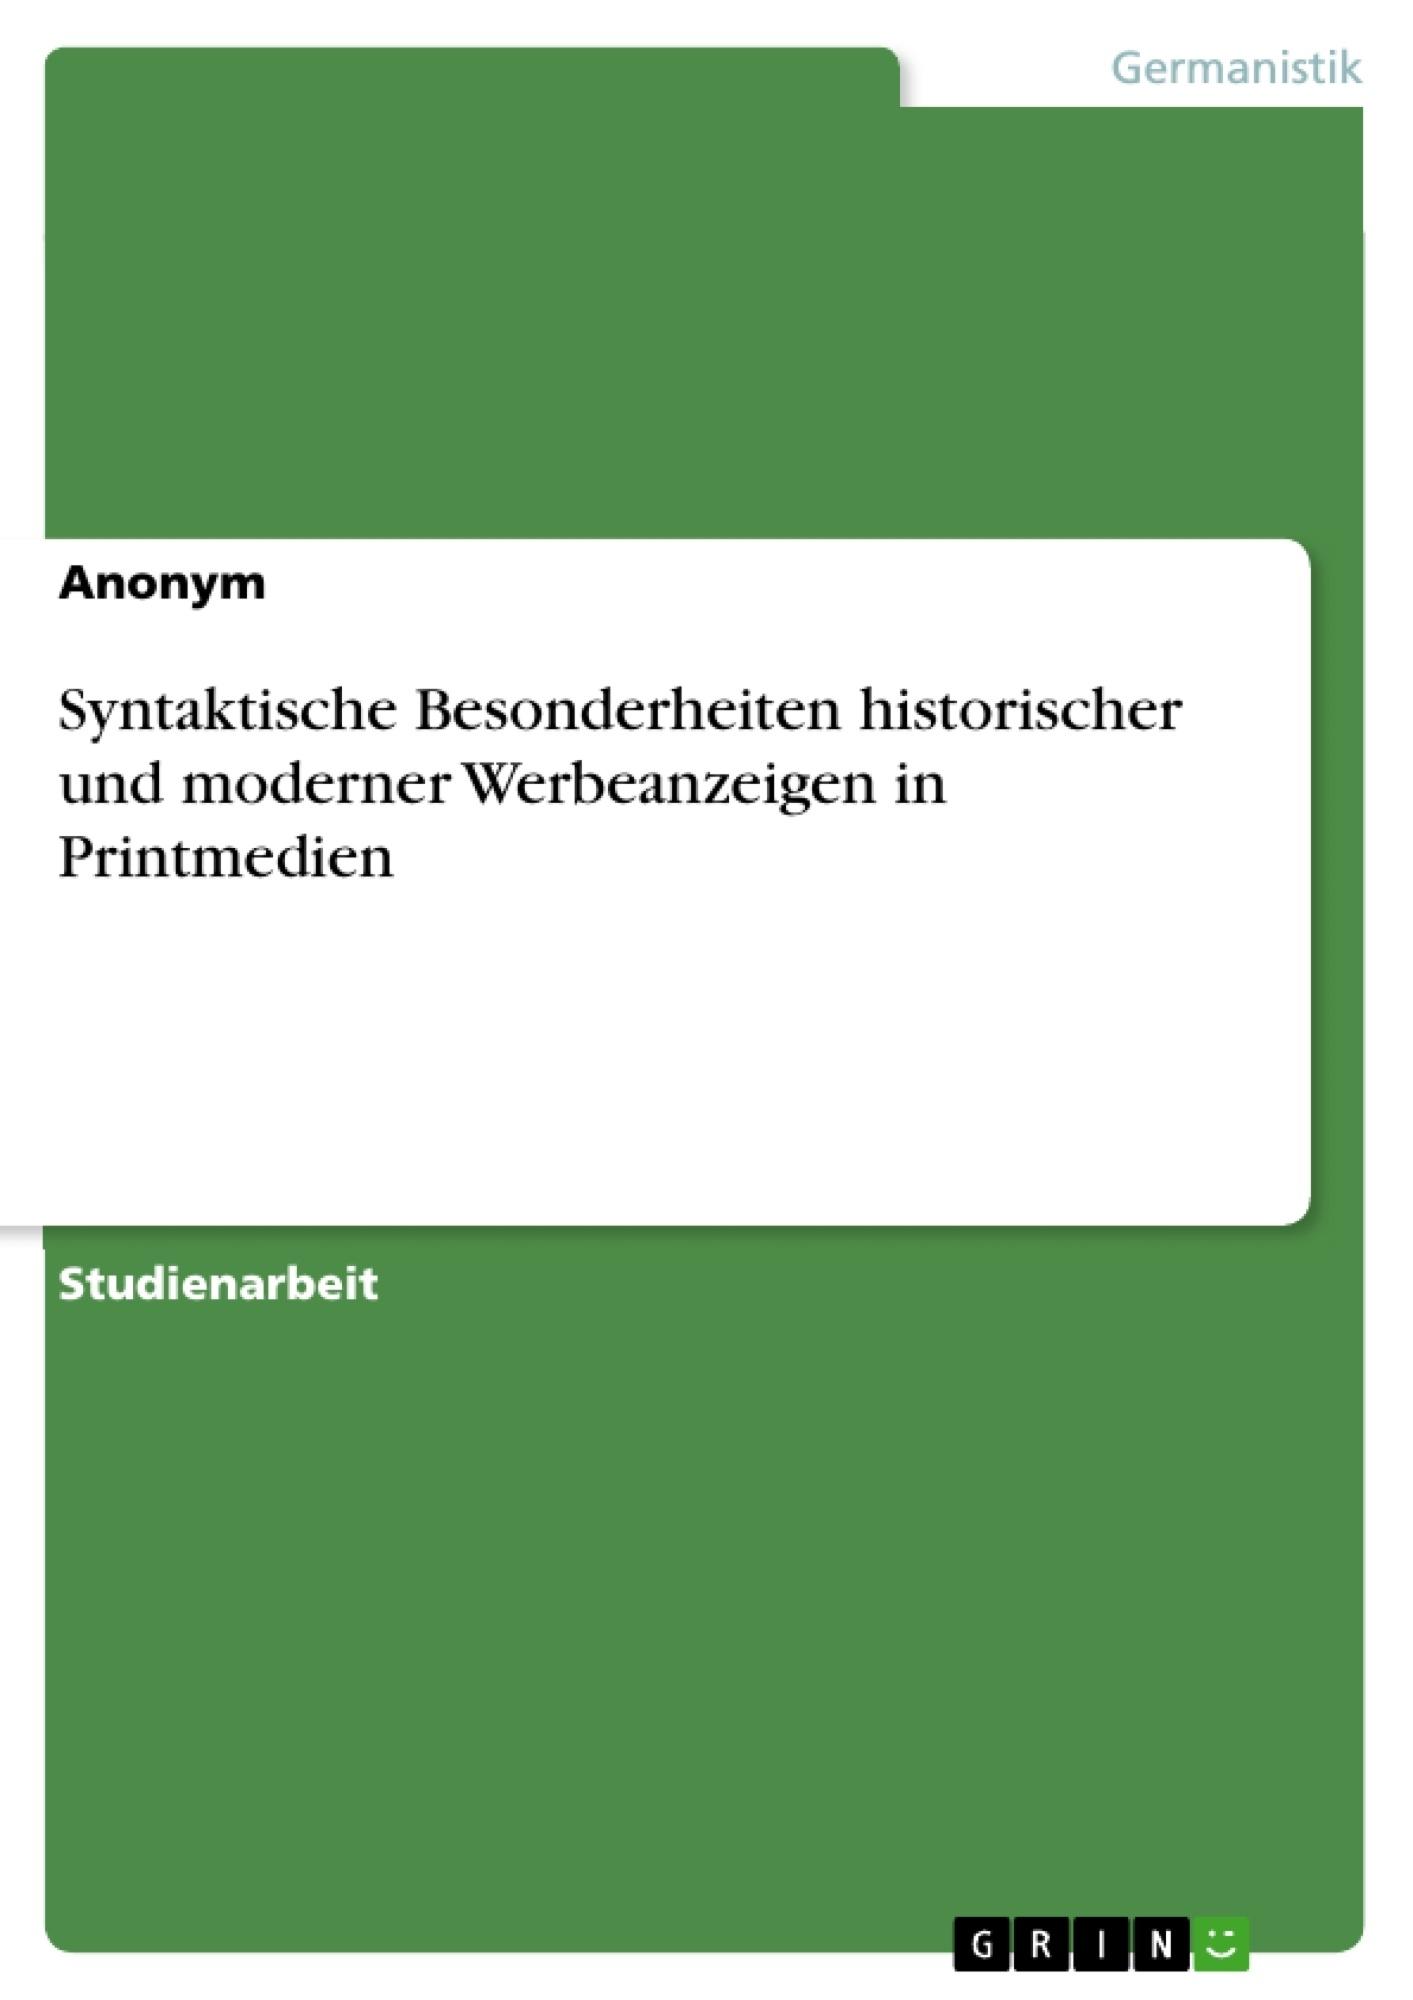 Titel: Syntaktische Besonderheiten historischer und moderner Werbeanzeigen in Printmedien